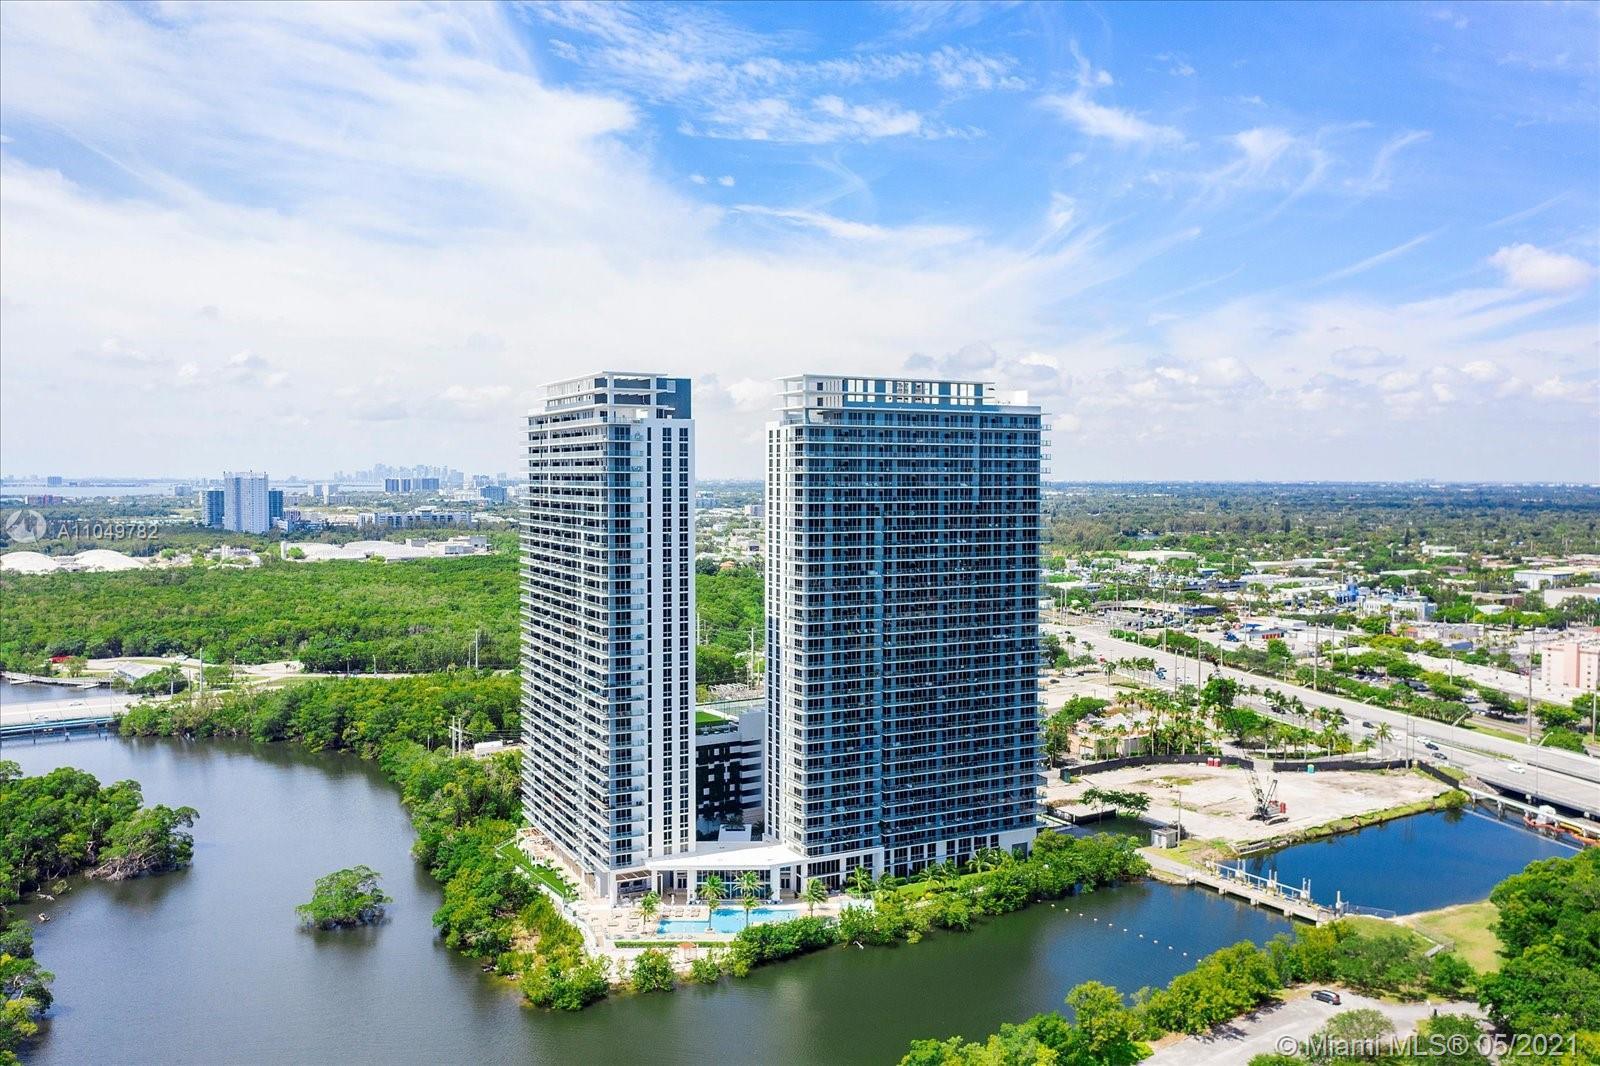 The Harbour #316 - 16385 Biscayne Blvd #316, North Miami Beach, FL 33160